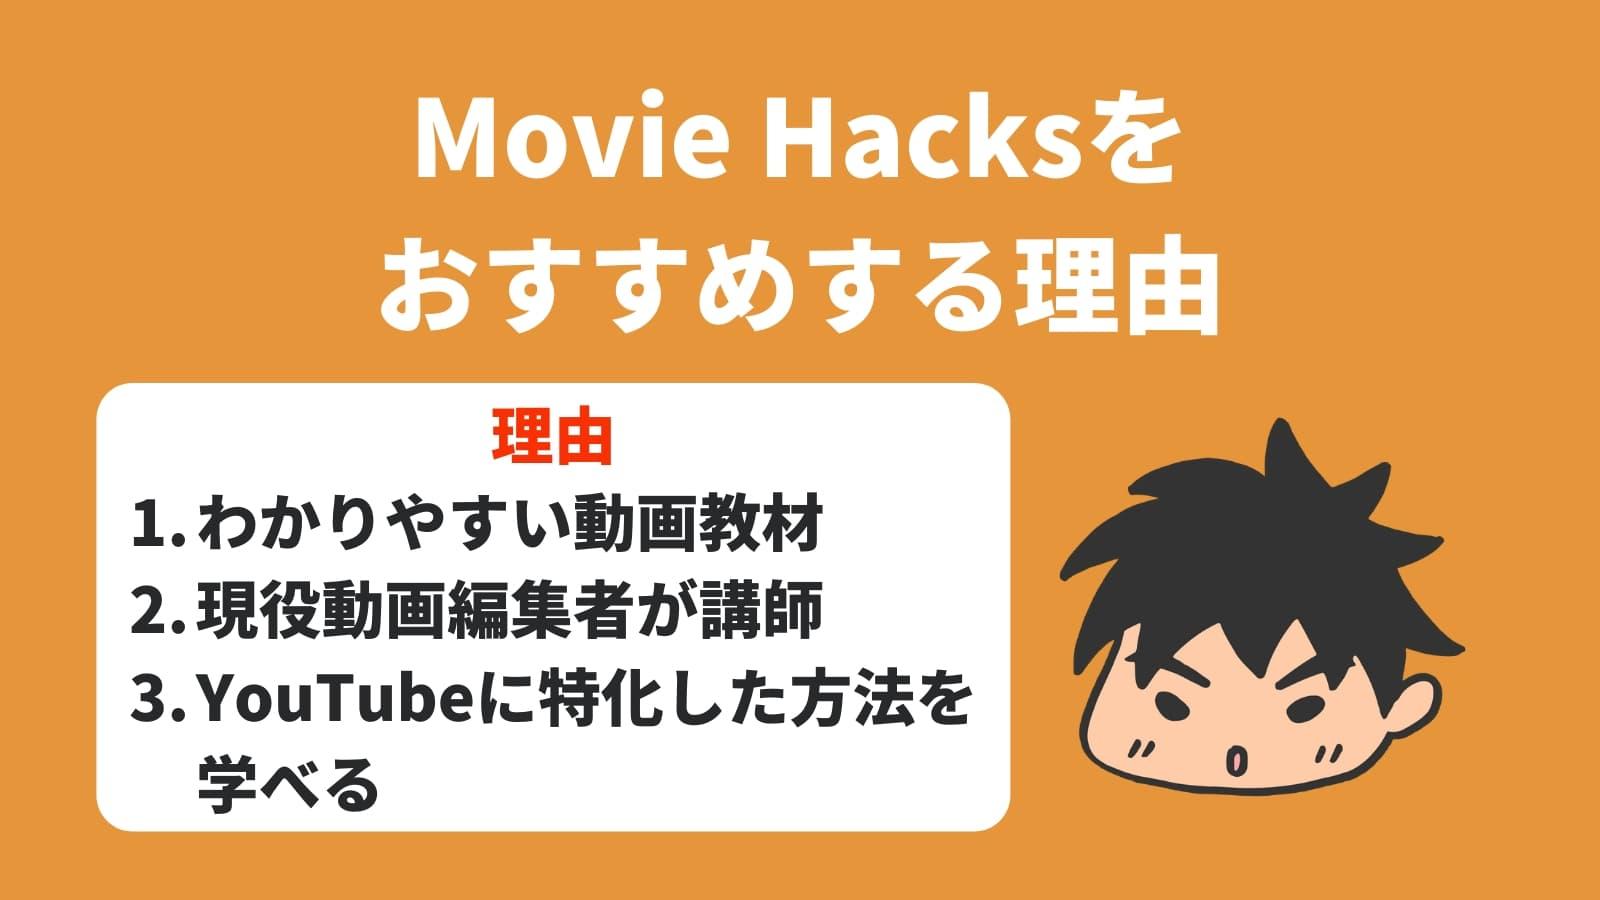 Movie Hacksを おすすめする理由